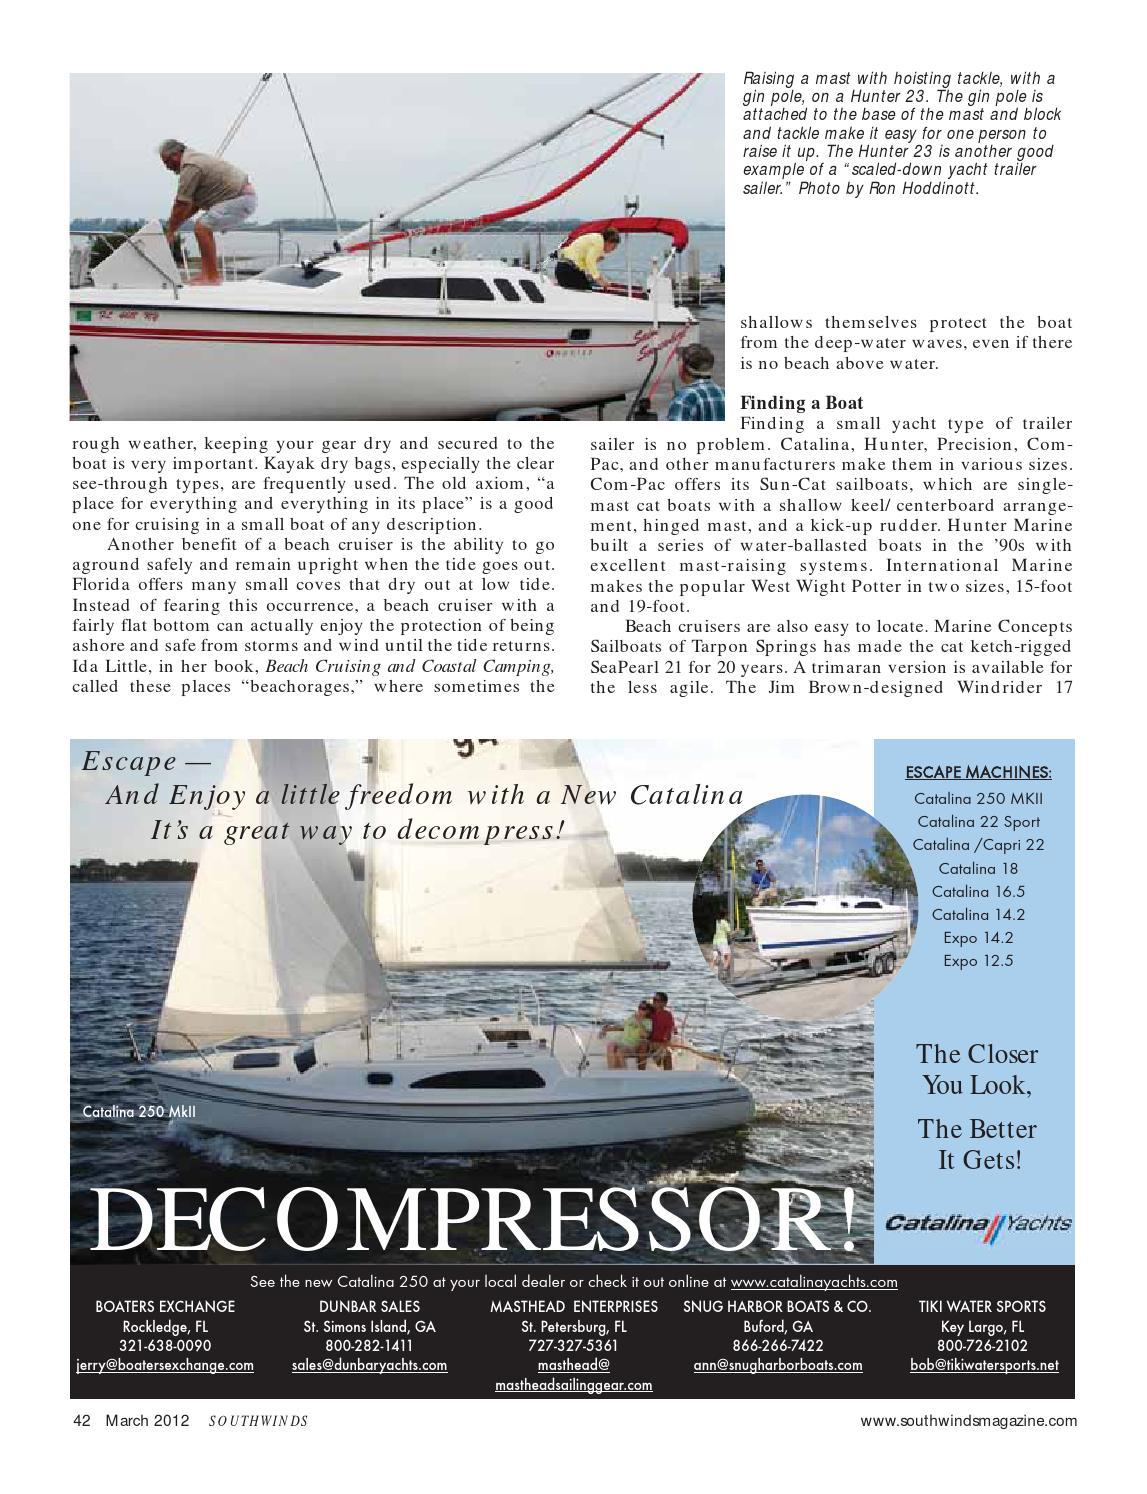 Southwindsmarch2012 by SOUTHWINDS Magazine - issuu